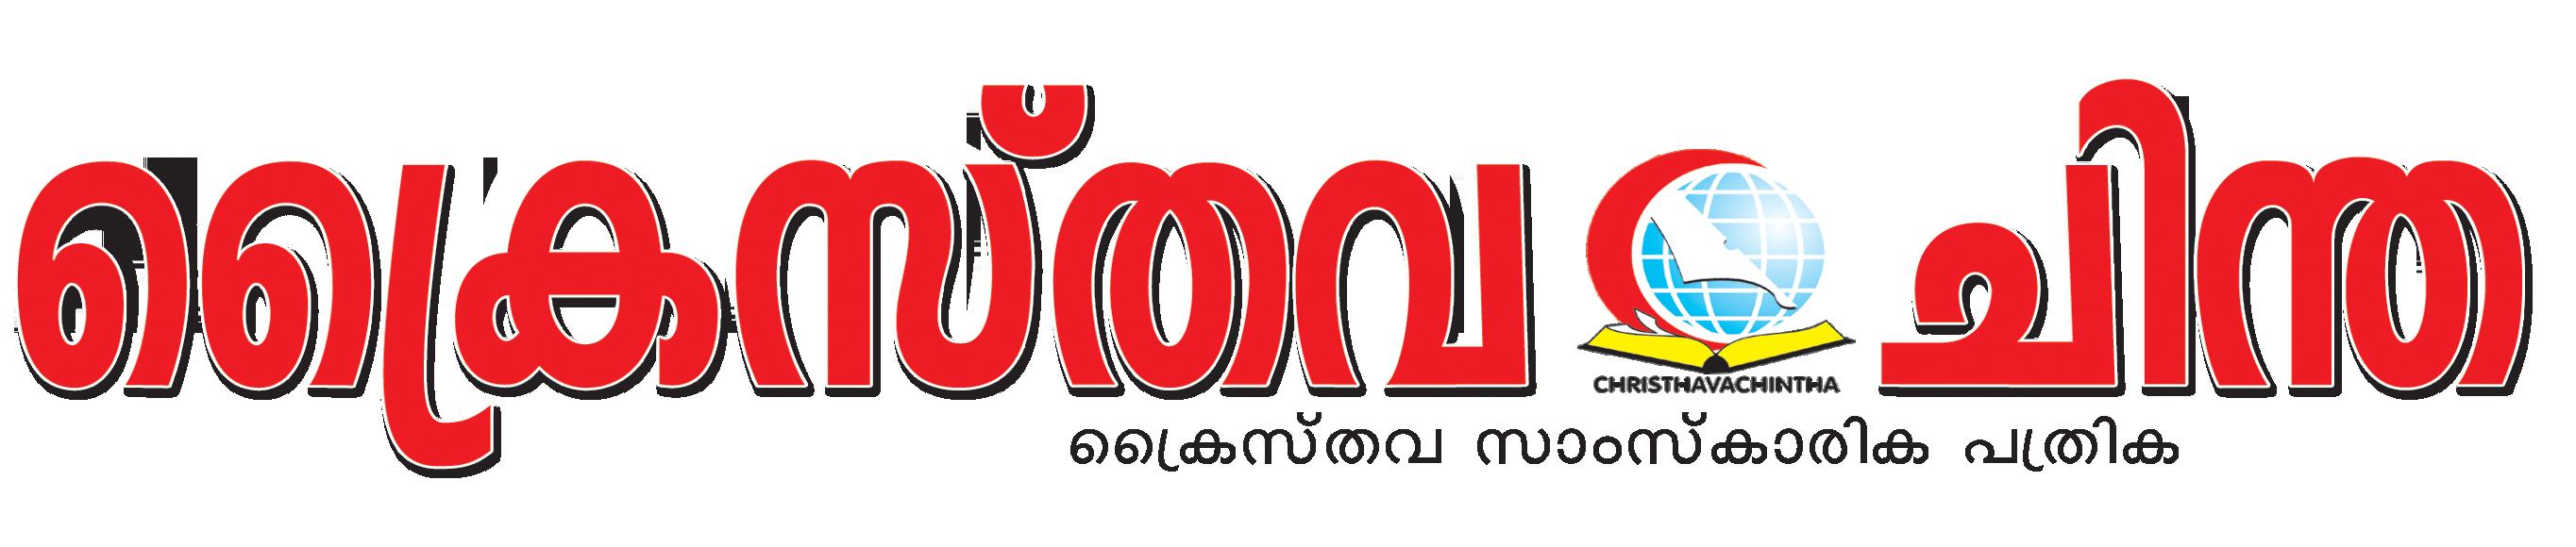 Christhavachintha